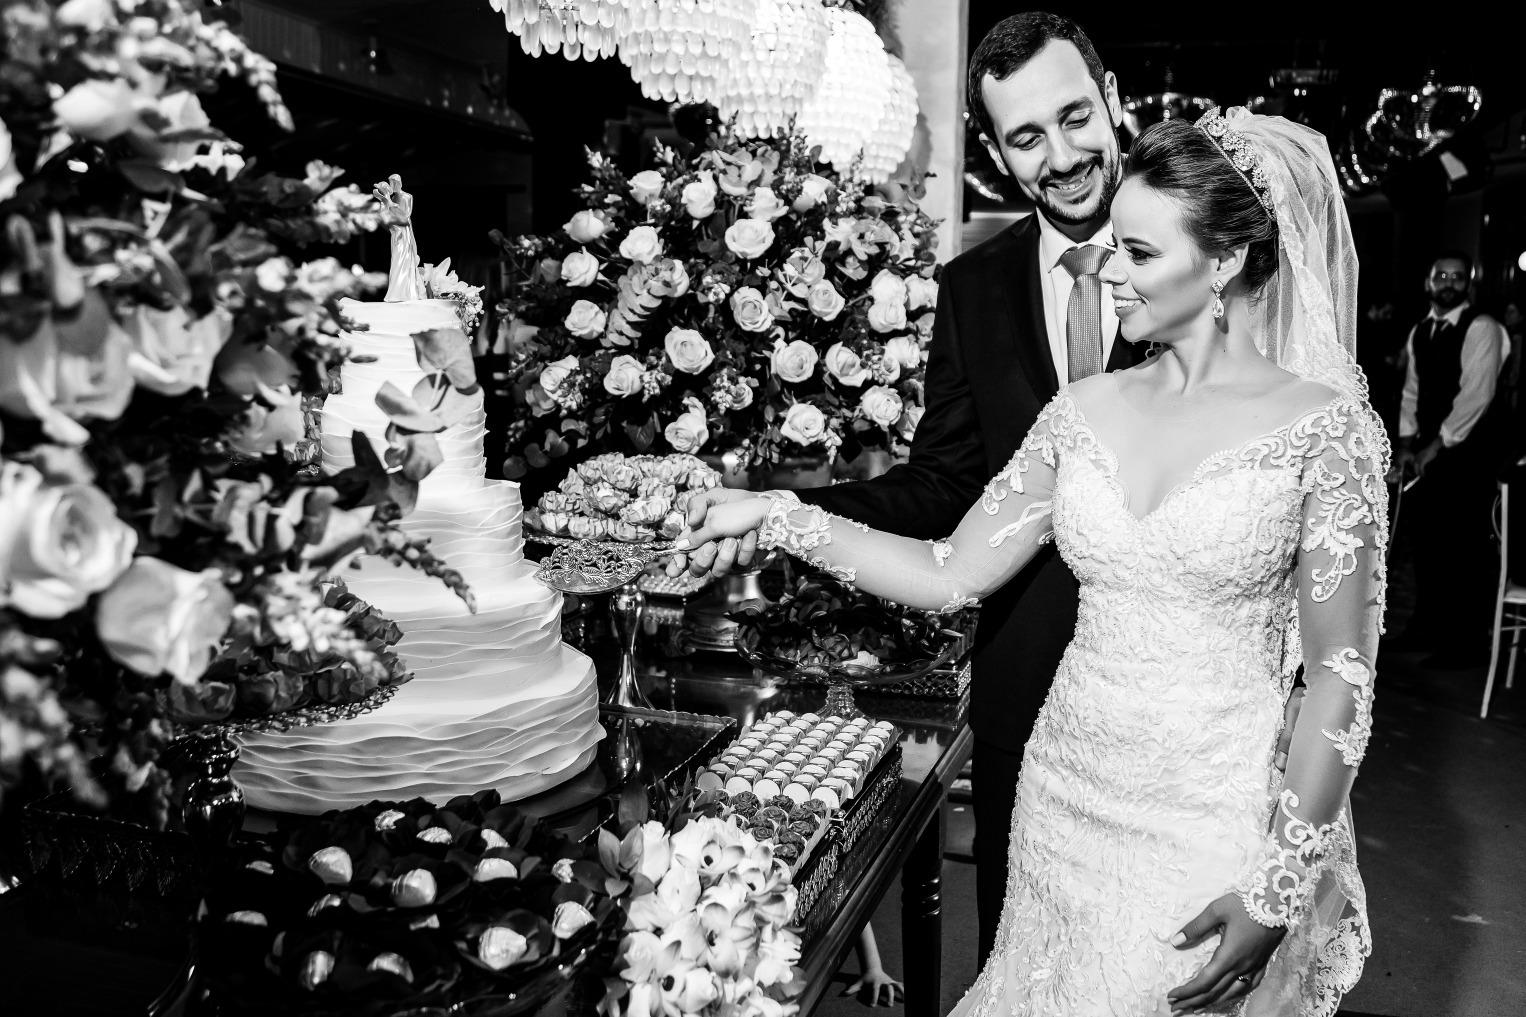 casamento em Pará de Minas de Aline e Leandro - foto Demetrio Laurentys - Vestido Zephora